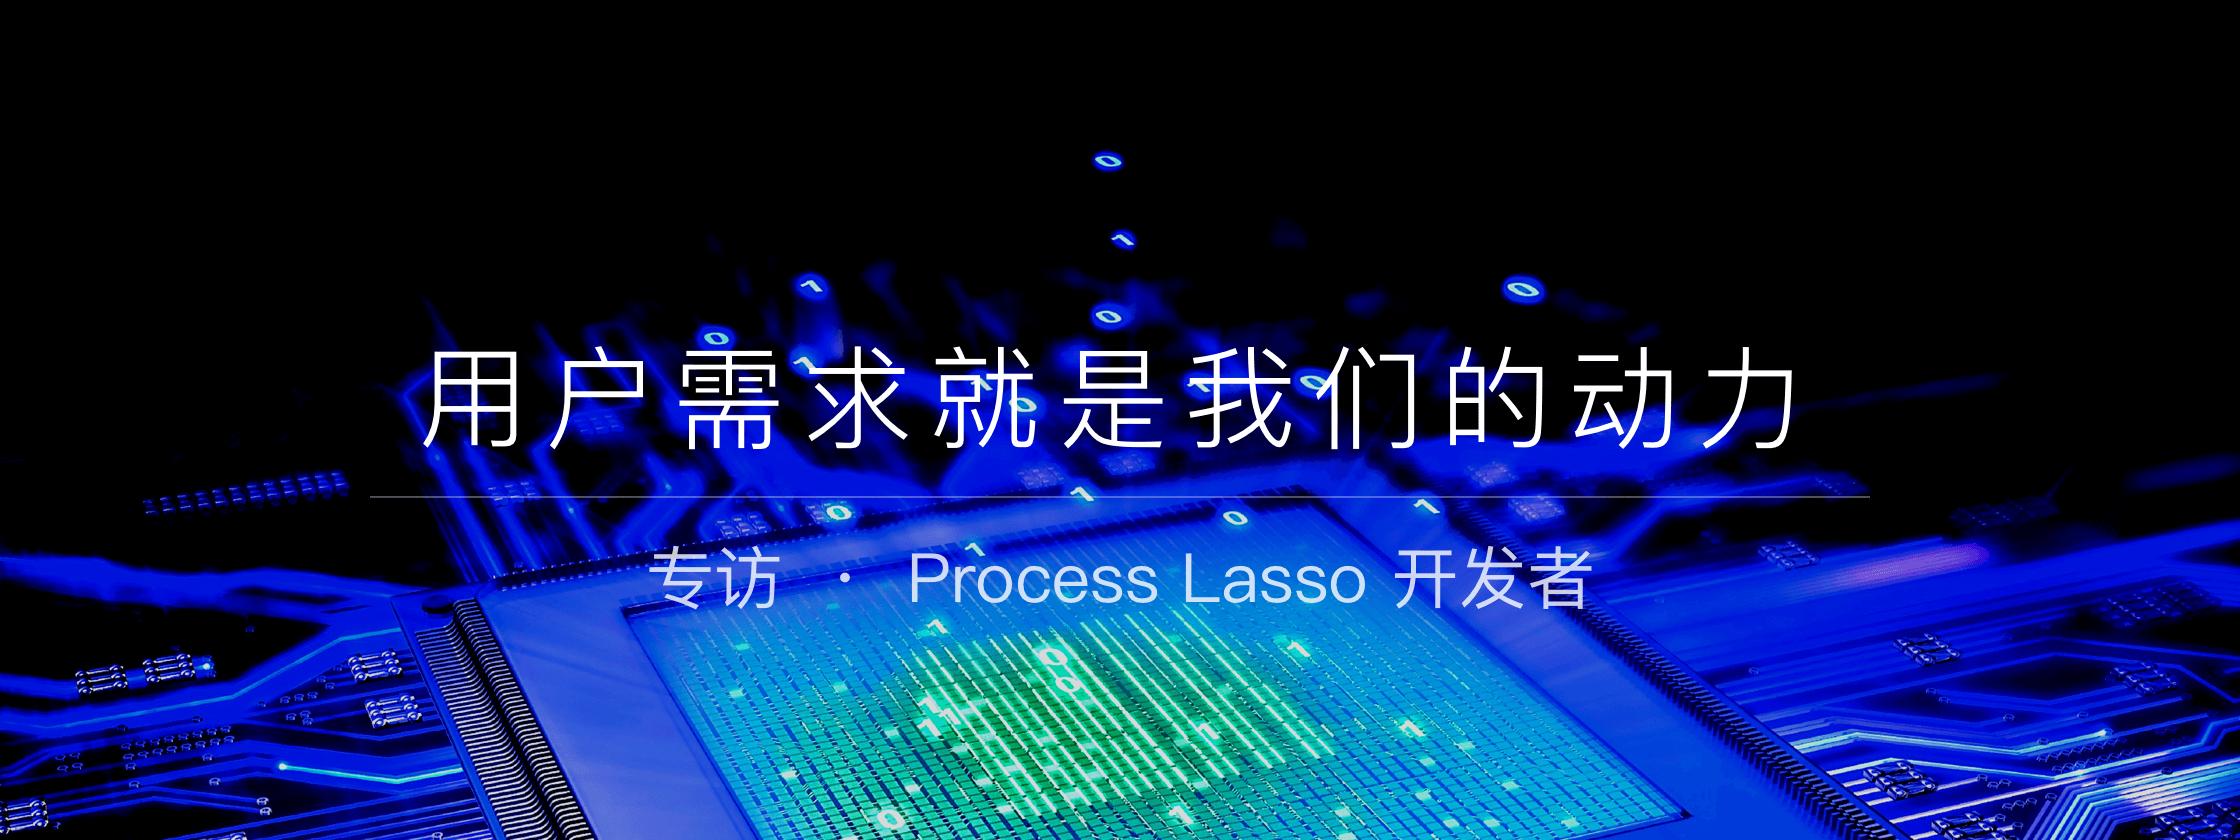 用户需求就是我们的动力 | 专访 Process Lasso